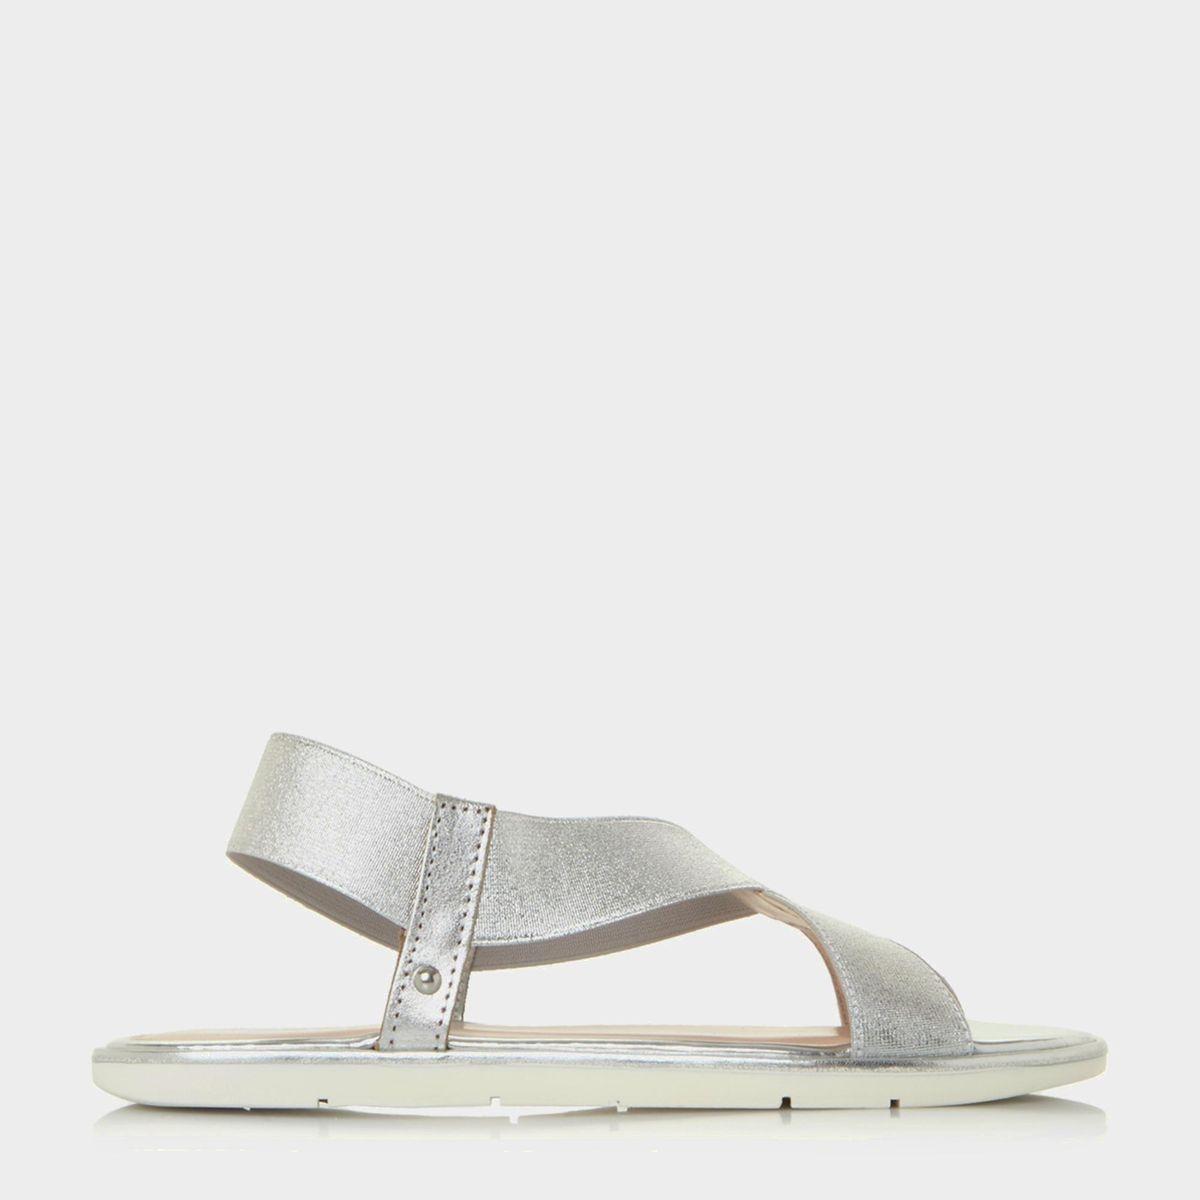 Sandales plates à brides élastiques croisées - LINKE